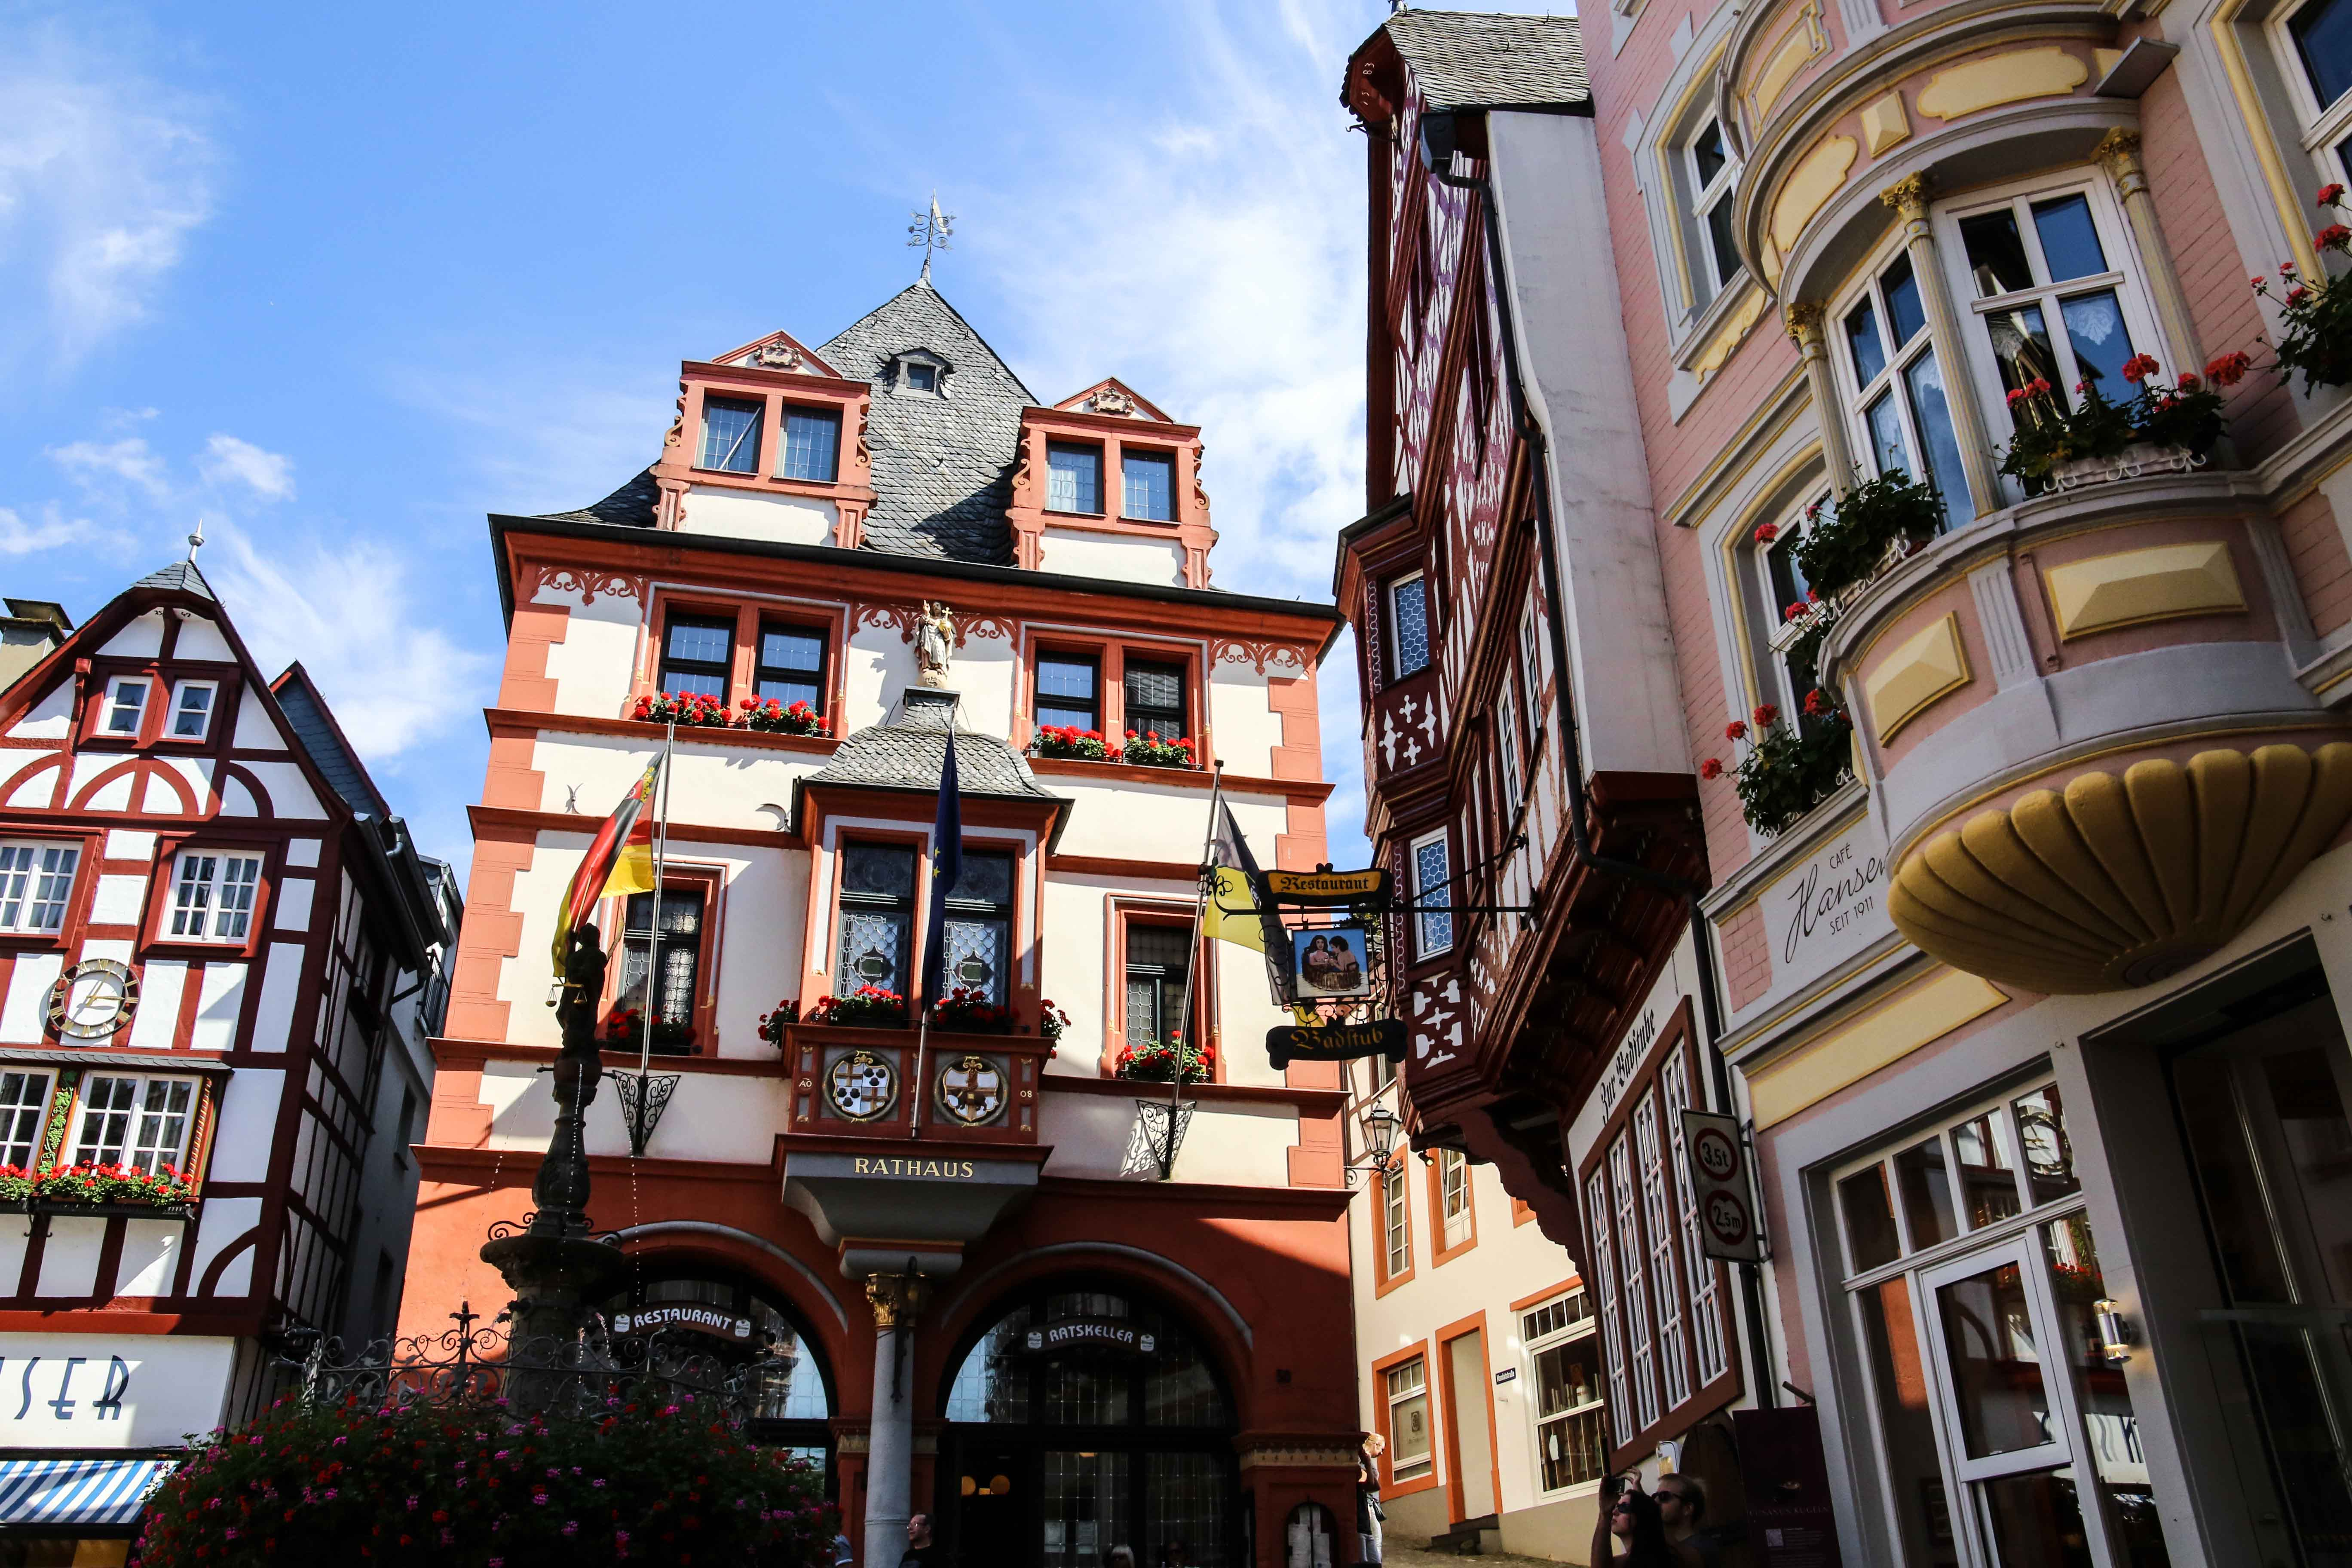 urlaub-mosel-regio-auszeit-romantik-jugendstilhotel-bellevue-traben-trarbach-deutschland-blogger_9026